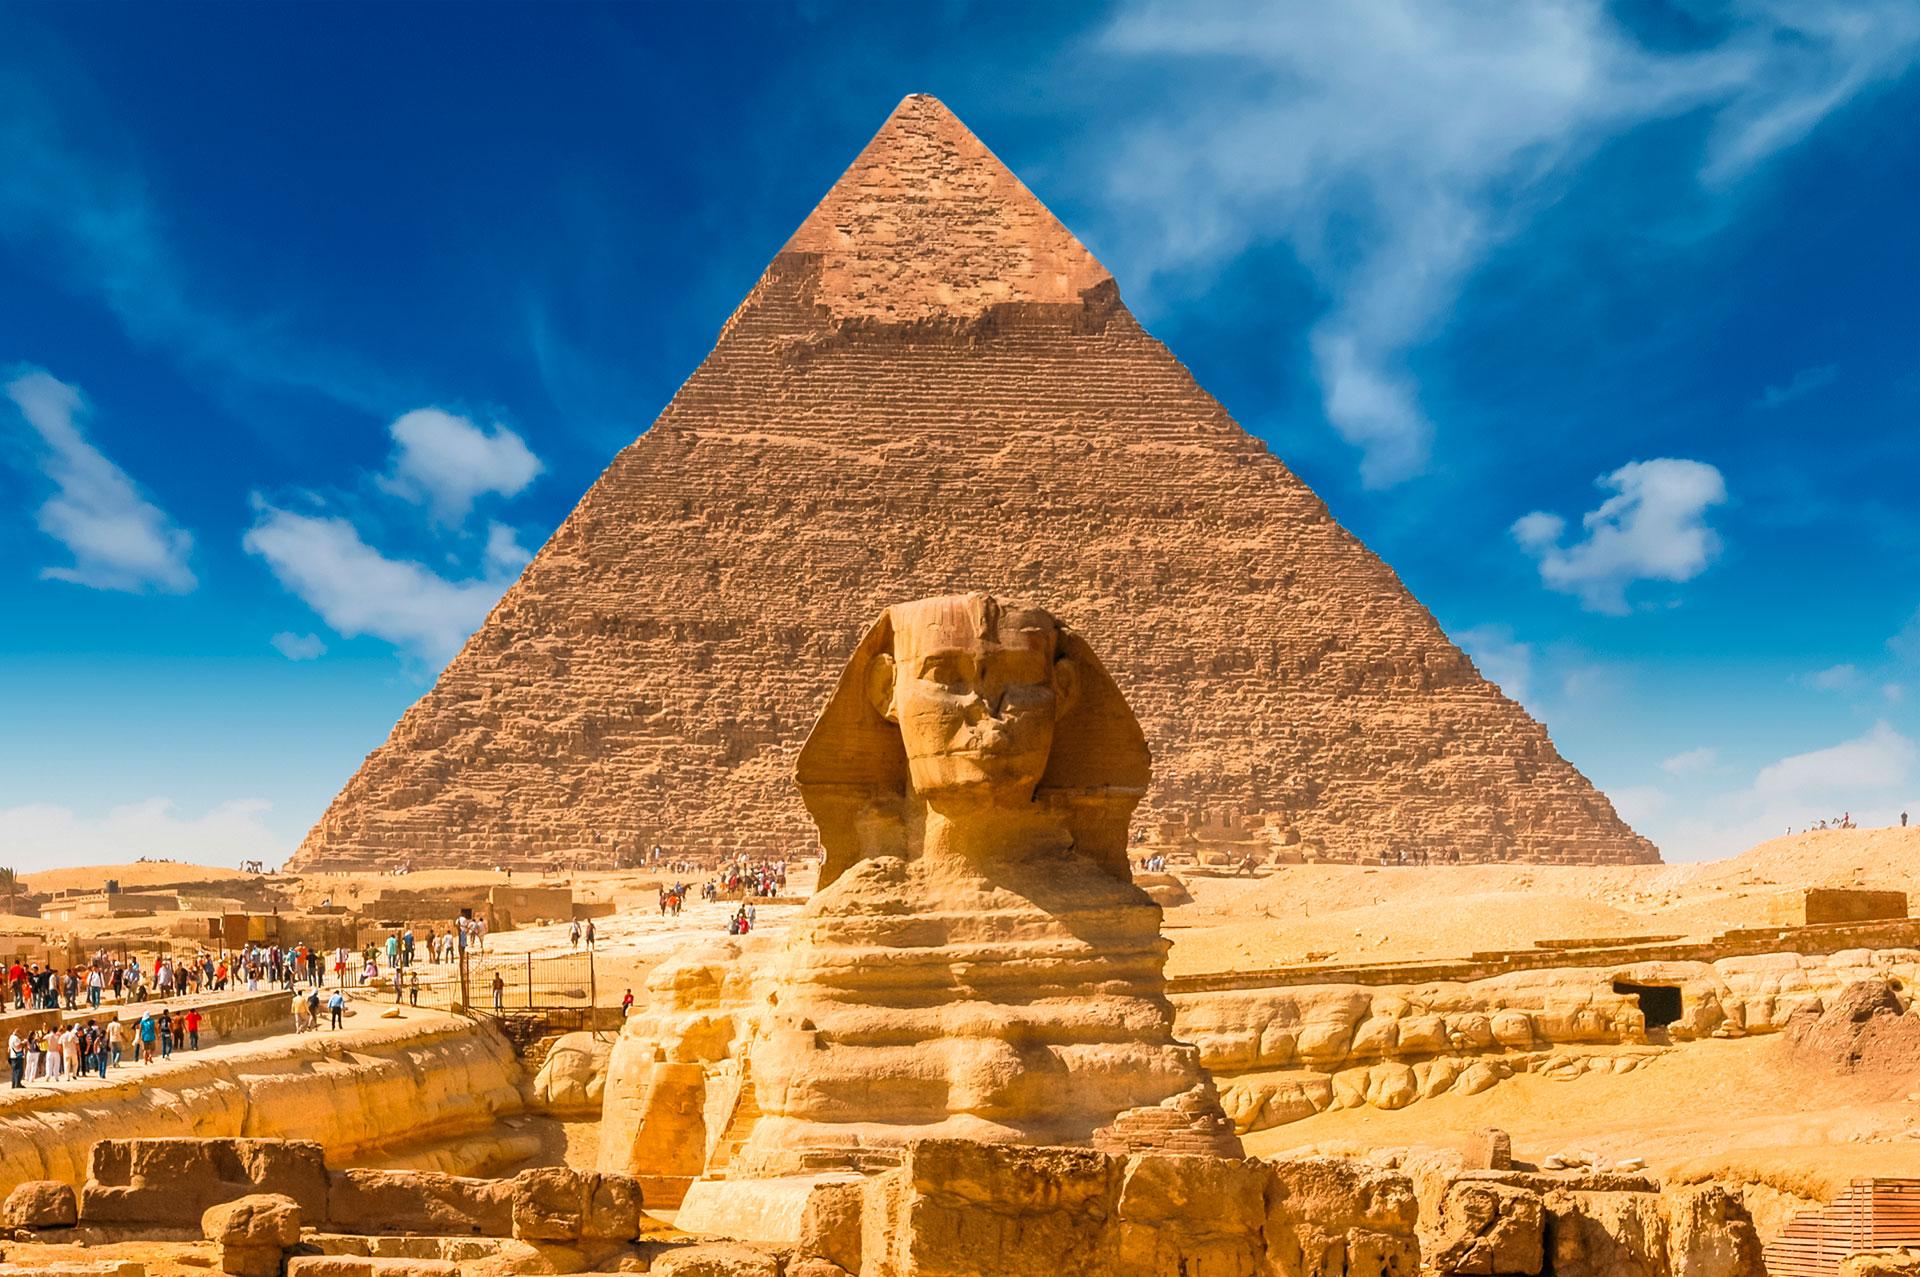 La Gran Esfinge de Guiza es una monumental escultura que se encuentra en la ribera occidental del río Nilo, en la ciudad de Guiza, unos veinte kilómetros al suroeste del centro de El Cairo. Tiene una altura de unos 20 metros aproximadamente, y unos 70 de longitud